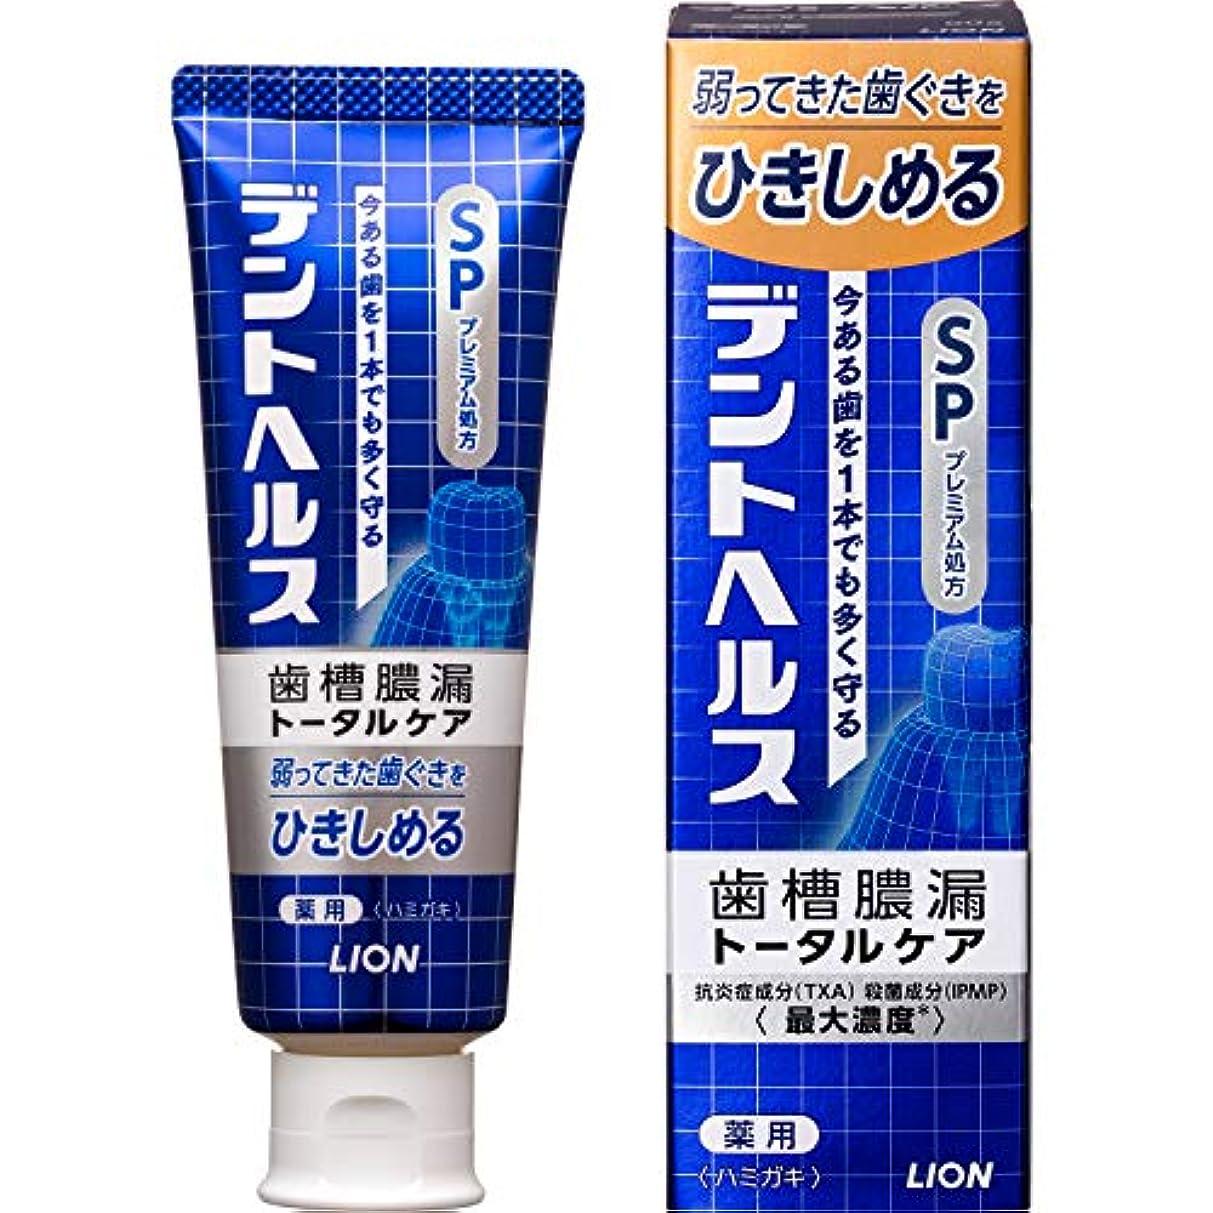 屋内でまだサイトライン歯槽膿漏予防に デントヘルス 薬用ハミガキSP 90g (医薬部外品)